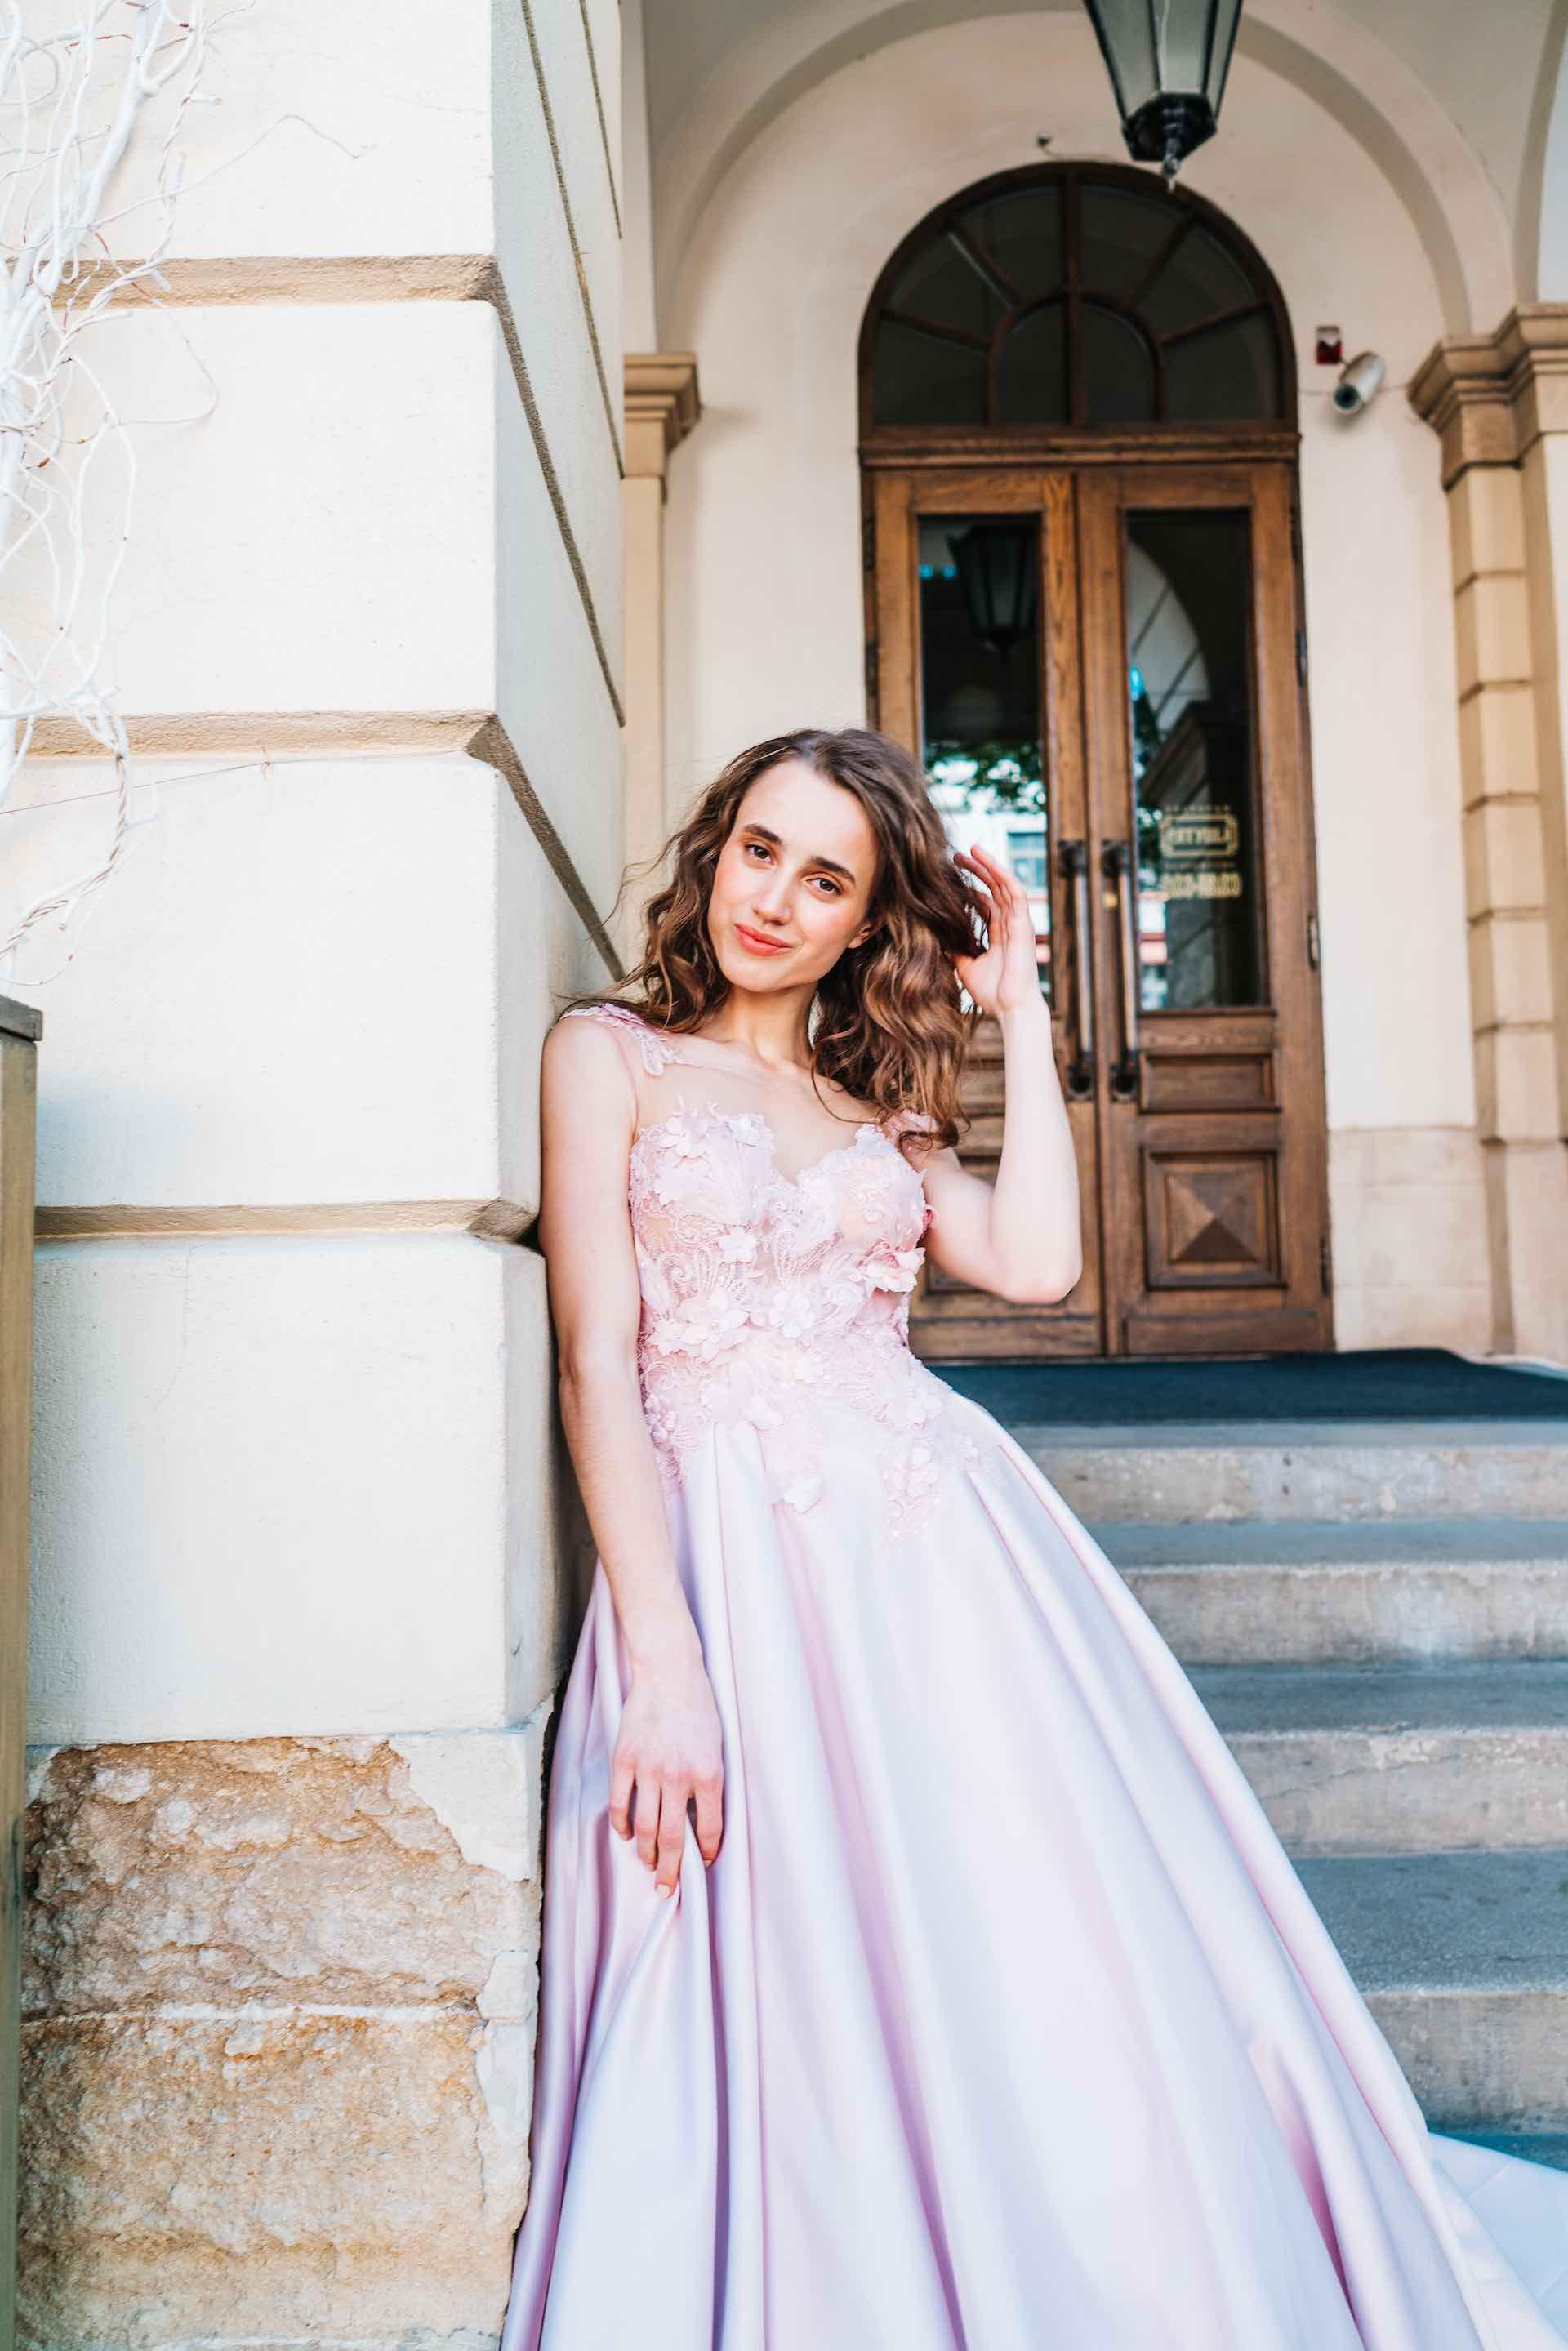 https://hochzeitshaus-struck.de/wp-content/uploads/2019/02/Abiball-HochzeitshausStruck.jpg